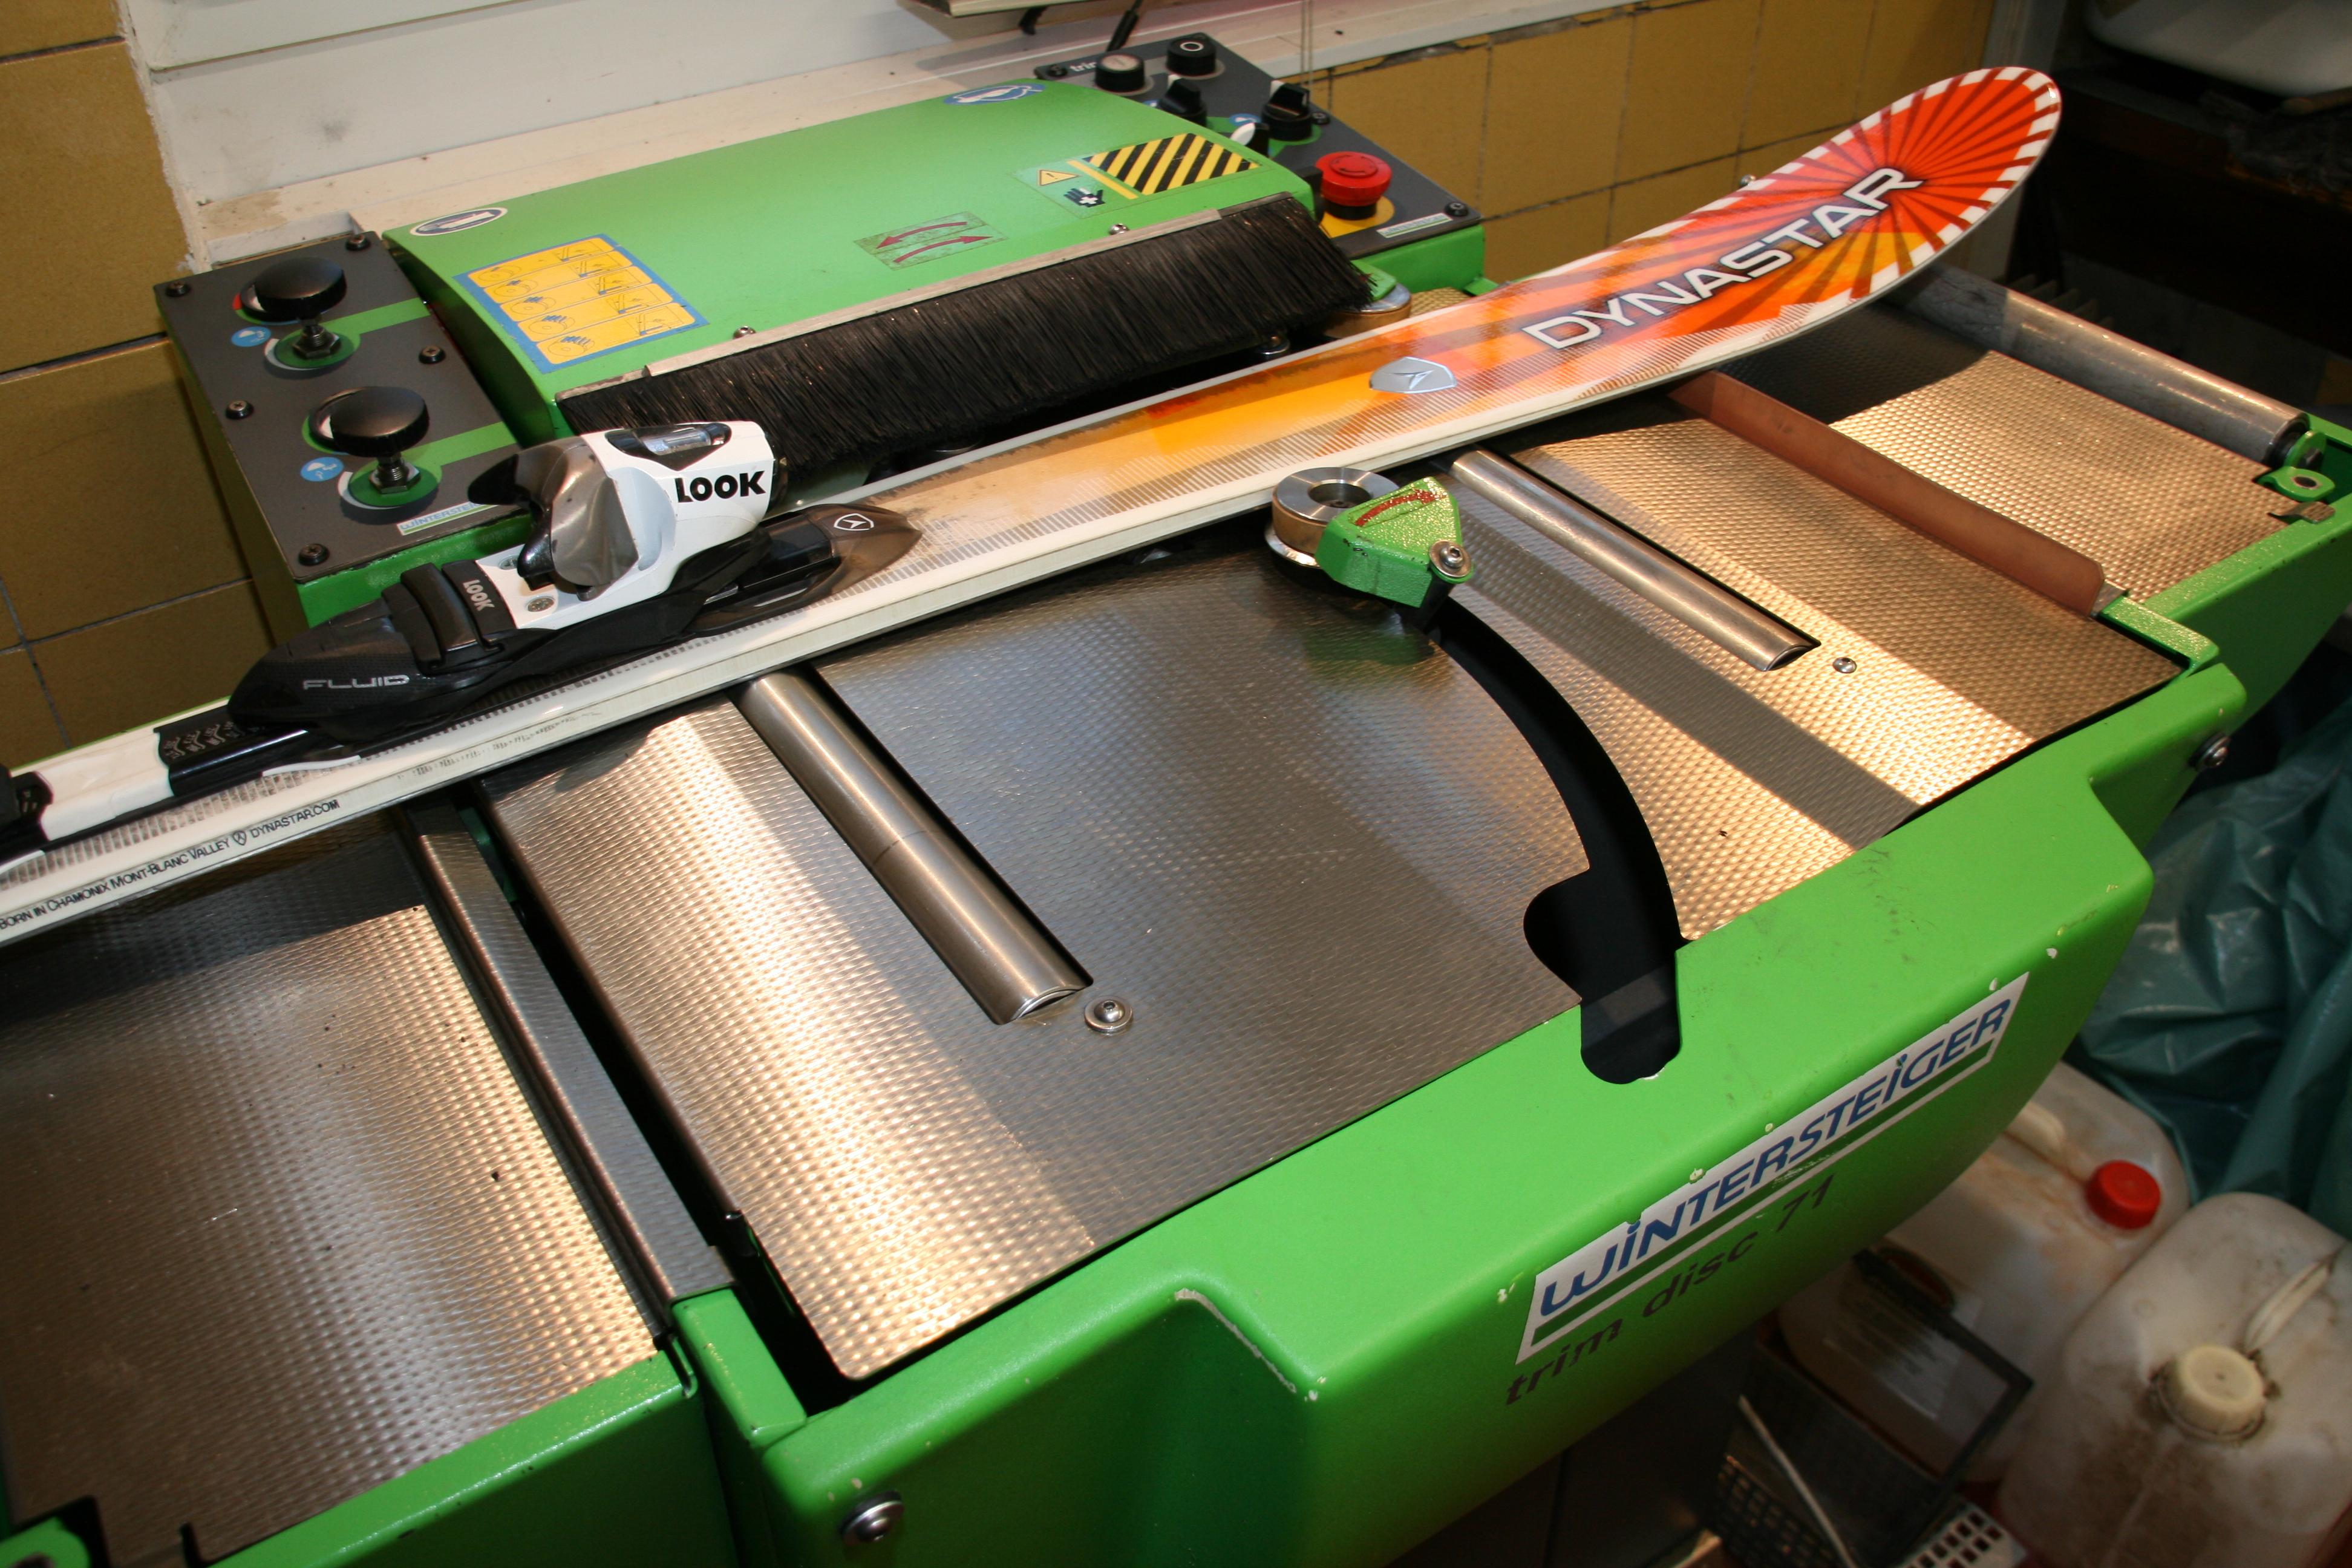 Seitenkantenschliff auf Wintersteigermaschine mit Keramik Disk-Finish